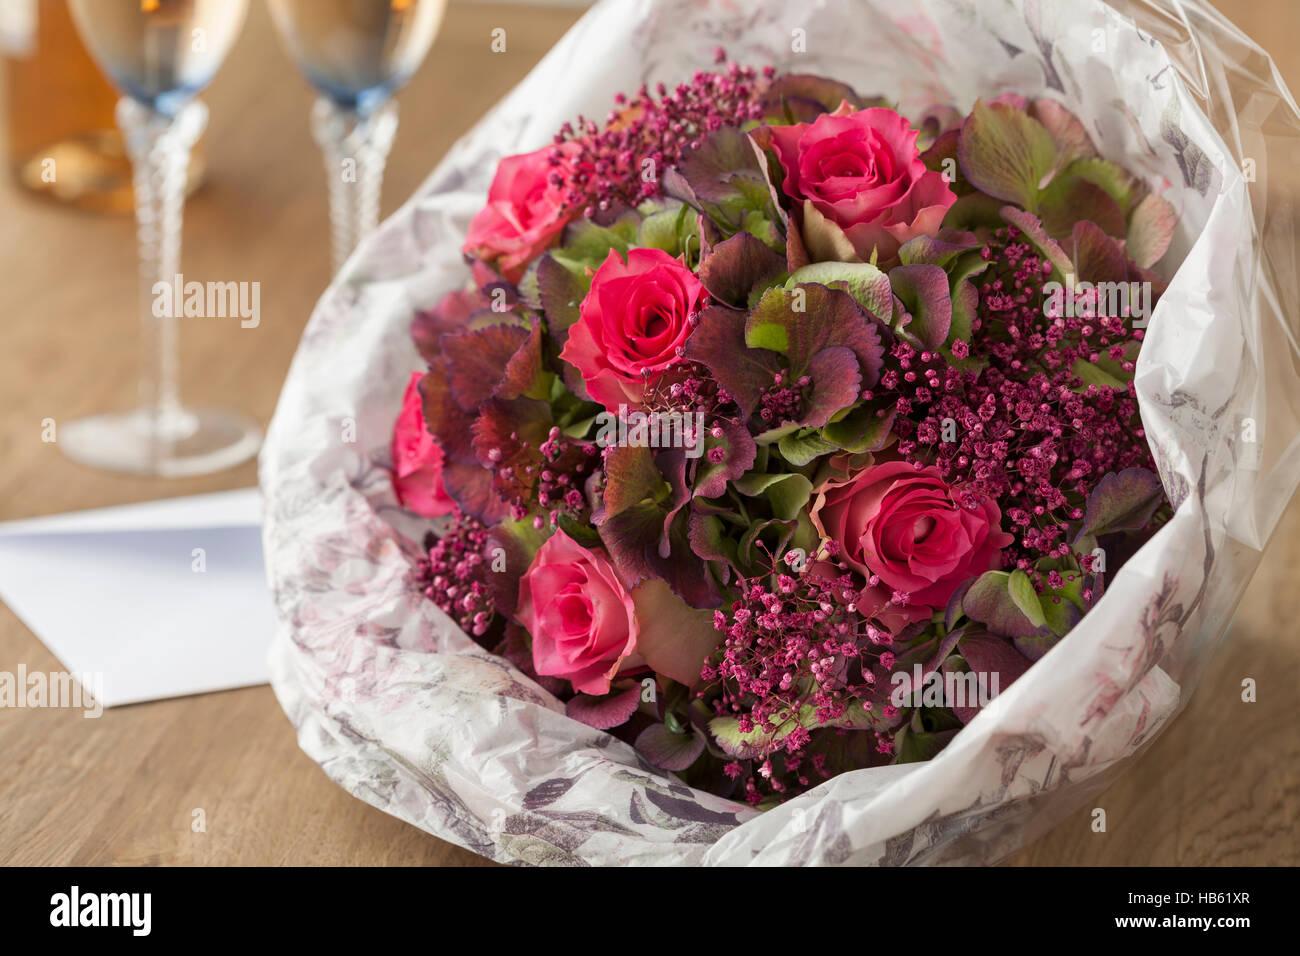 Festliches Bouquet mit rosa Rosen als Geschenk Stockbild